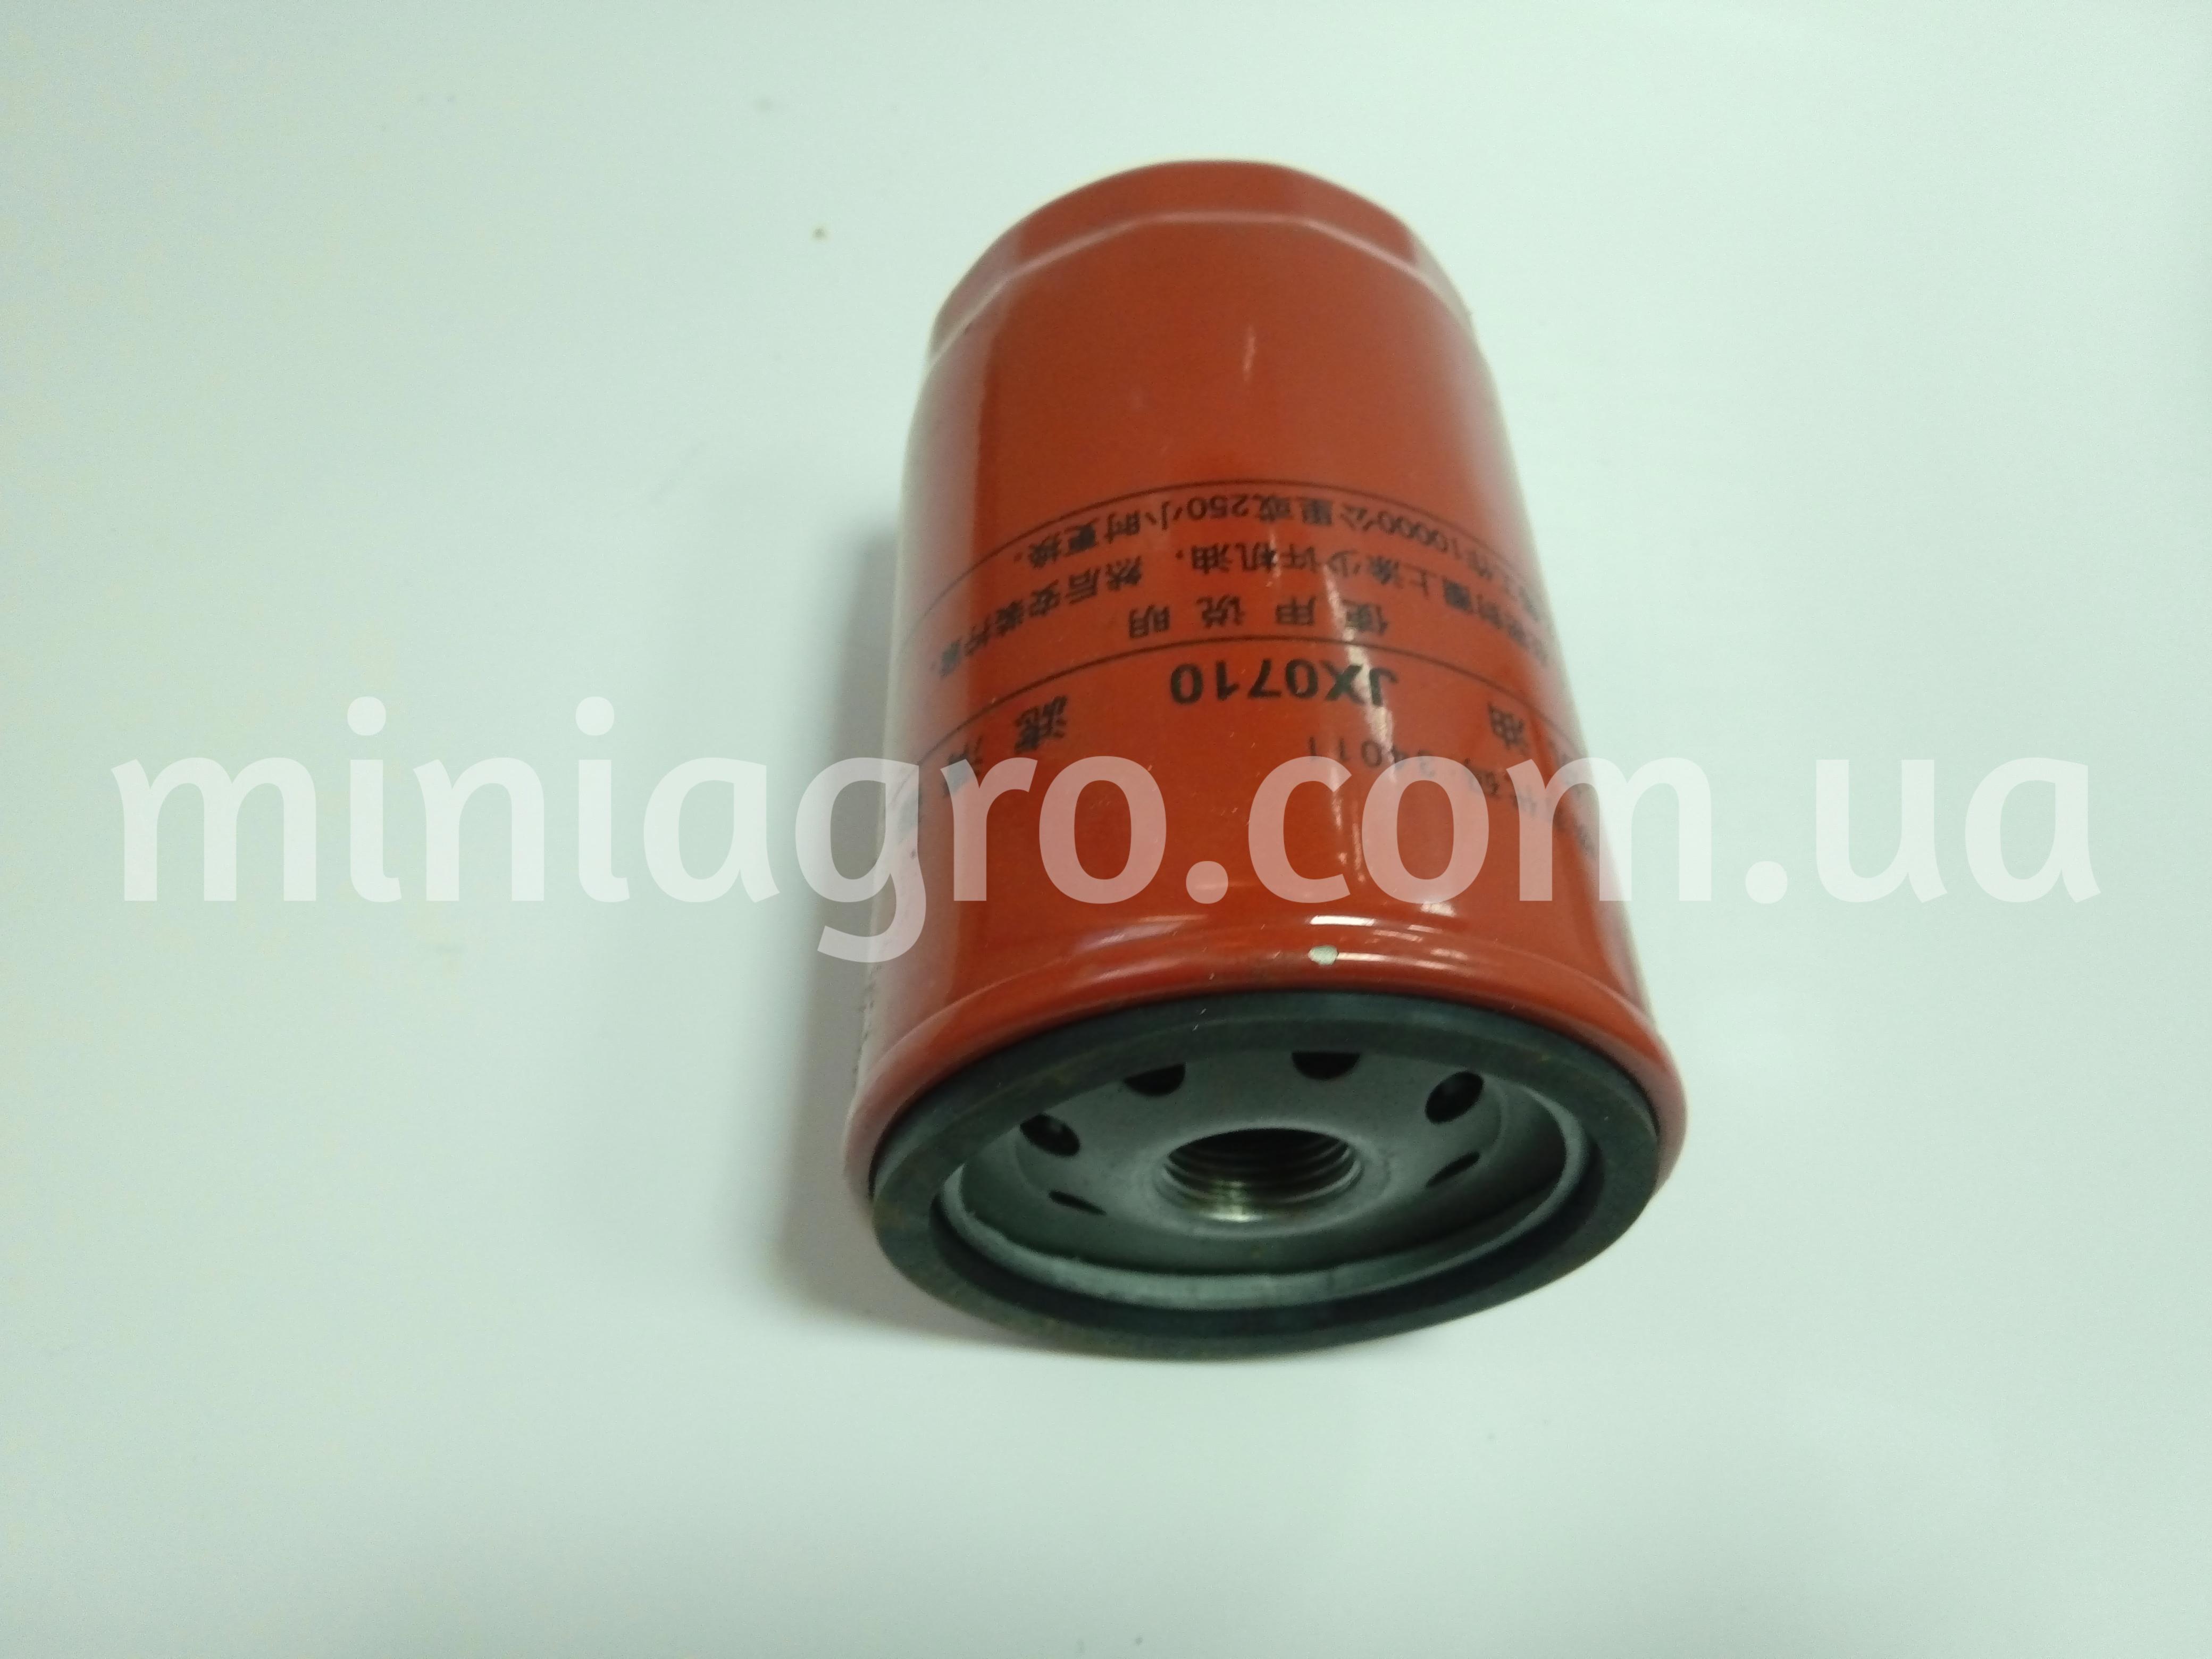 Фильтр масляный Zoomlion 244 с кабиной, Lovol 244, Jinma 244. Одинаковый с SM107